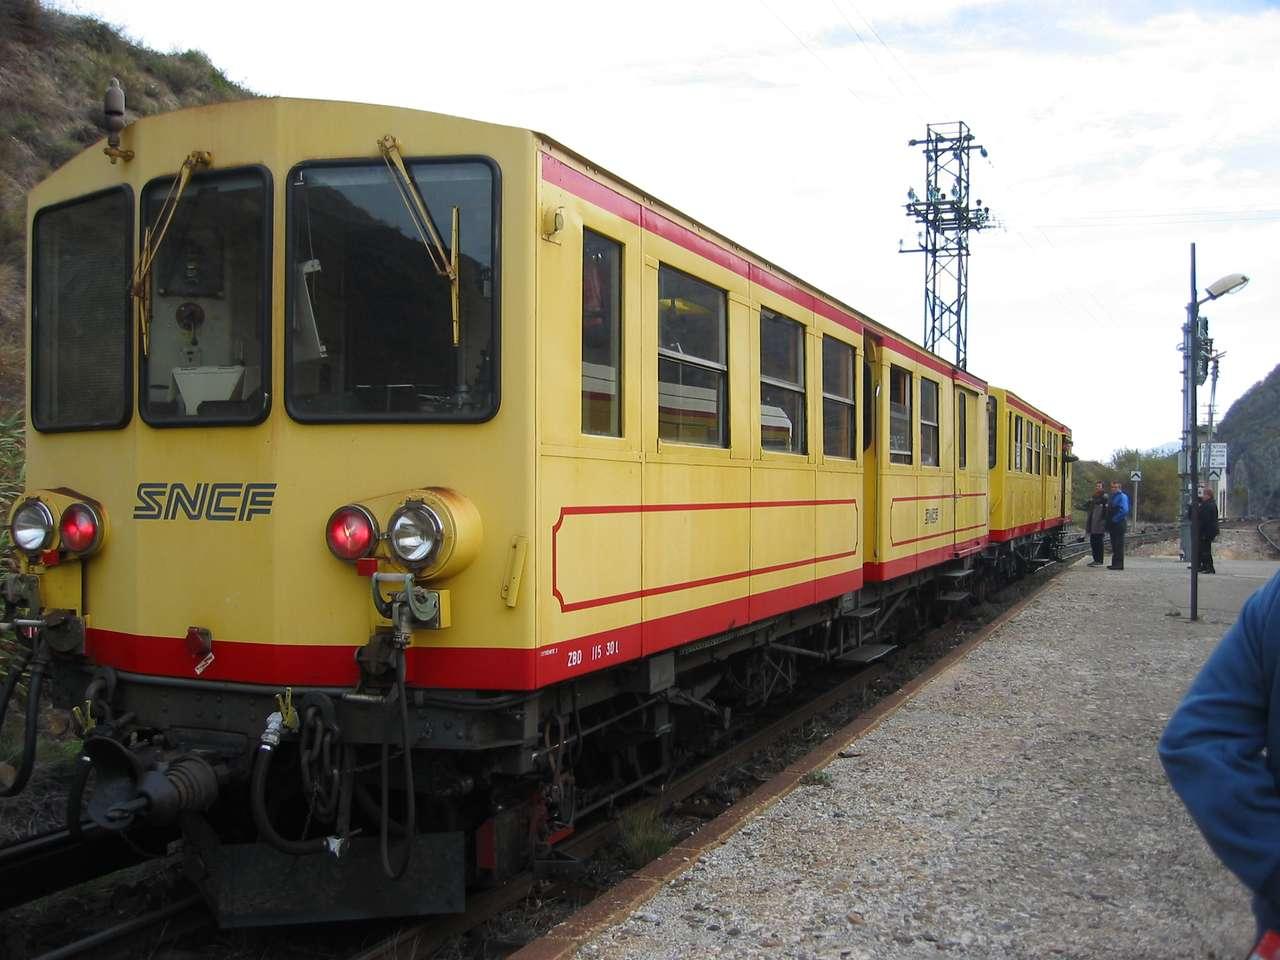 det gula tåget - det gula tåget i Cerdanya (12×9)